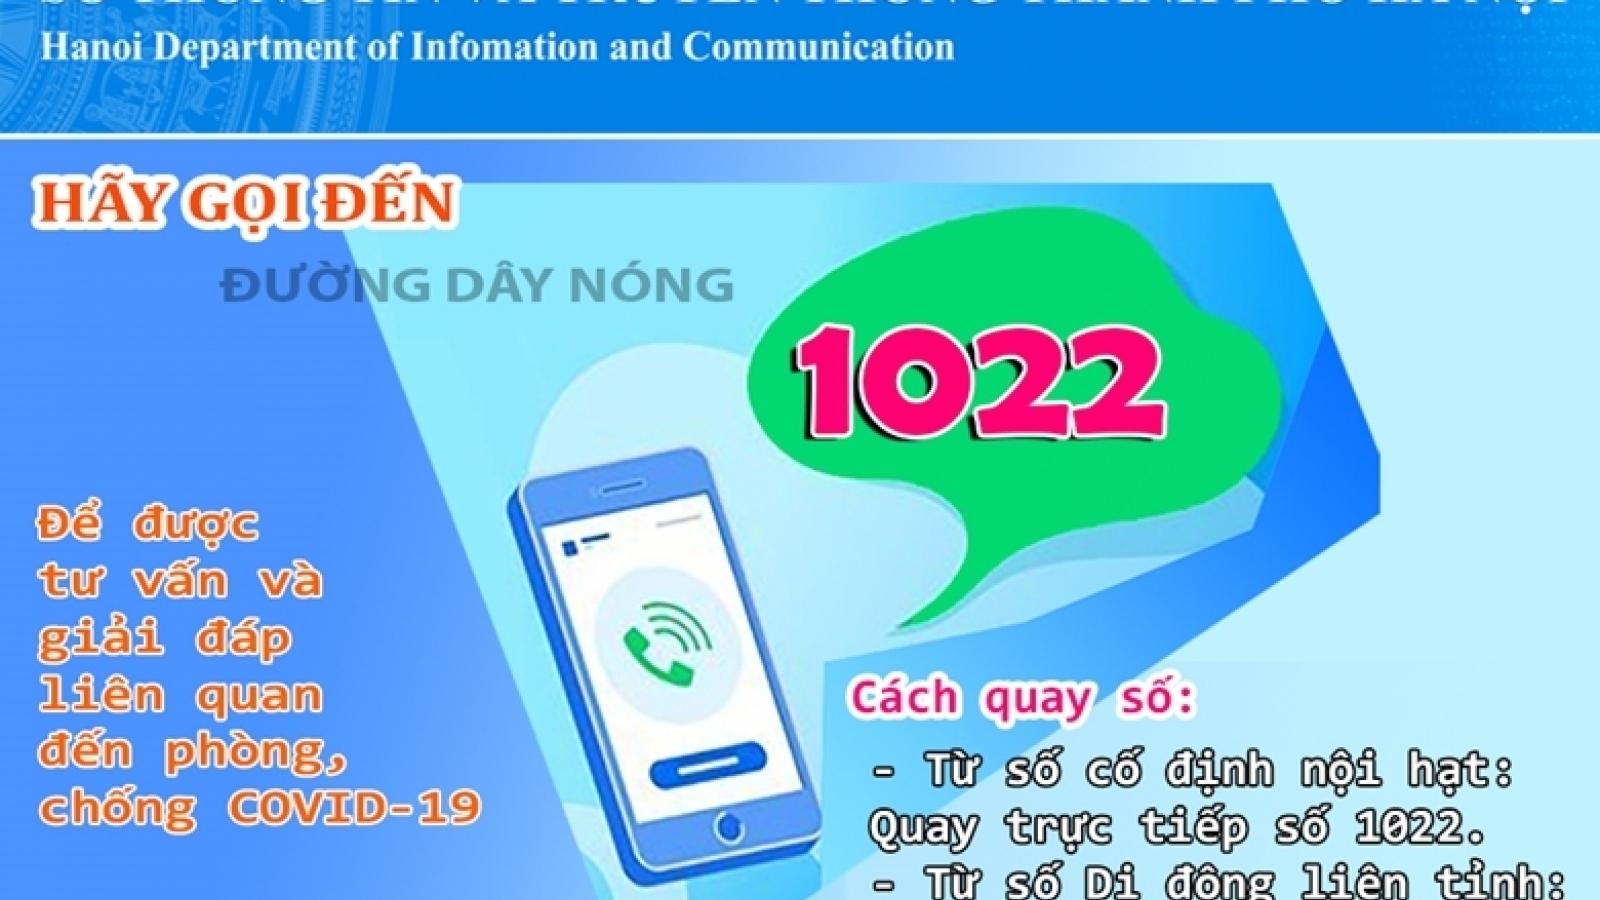 Hà Nội tiếp nhận gần 3.000 cuộc gọi đề nghị giải đáp về hỗ trợ do ảnh hưởng Covid-19